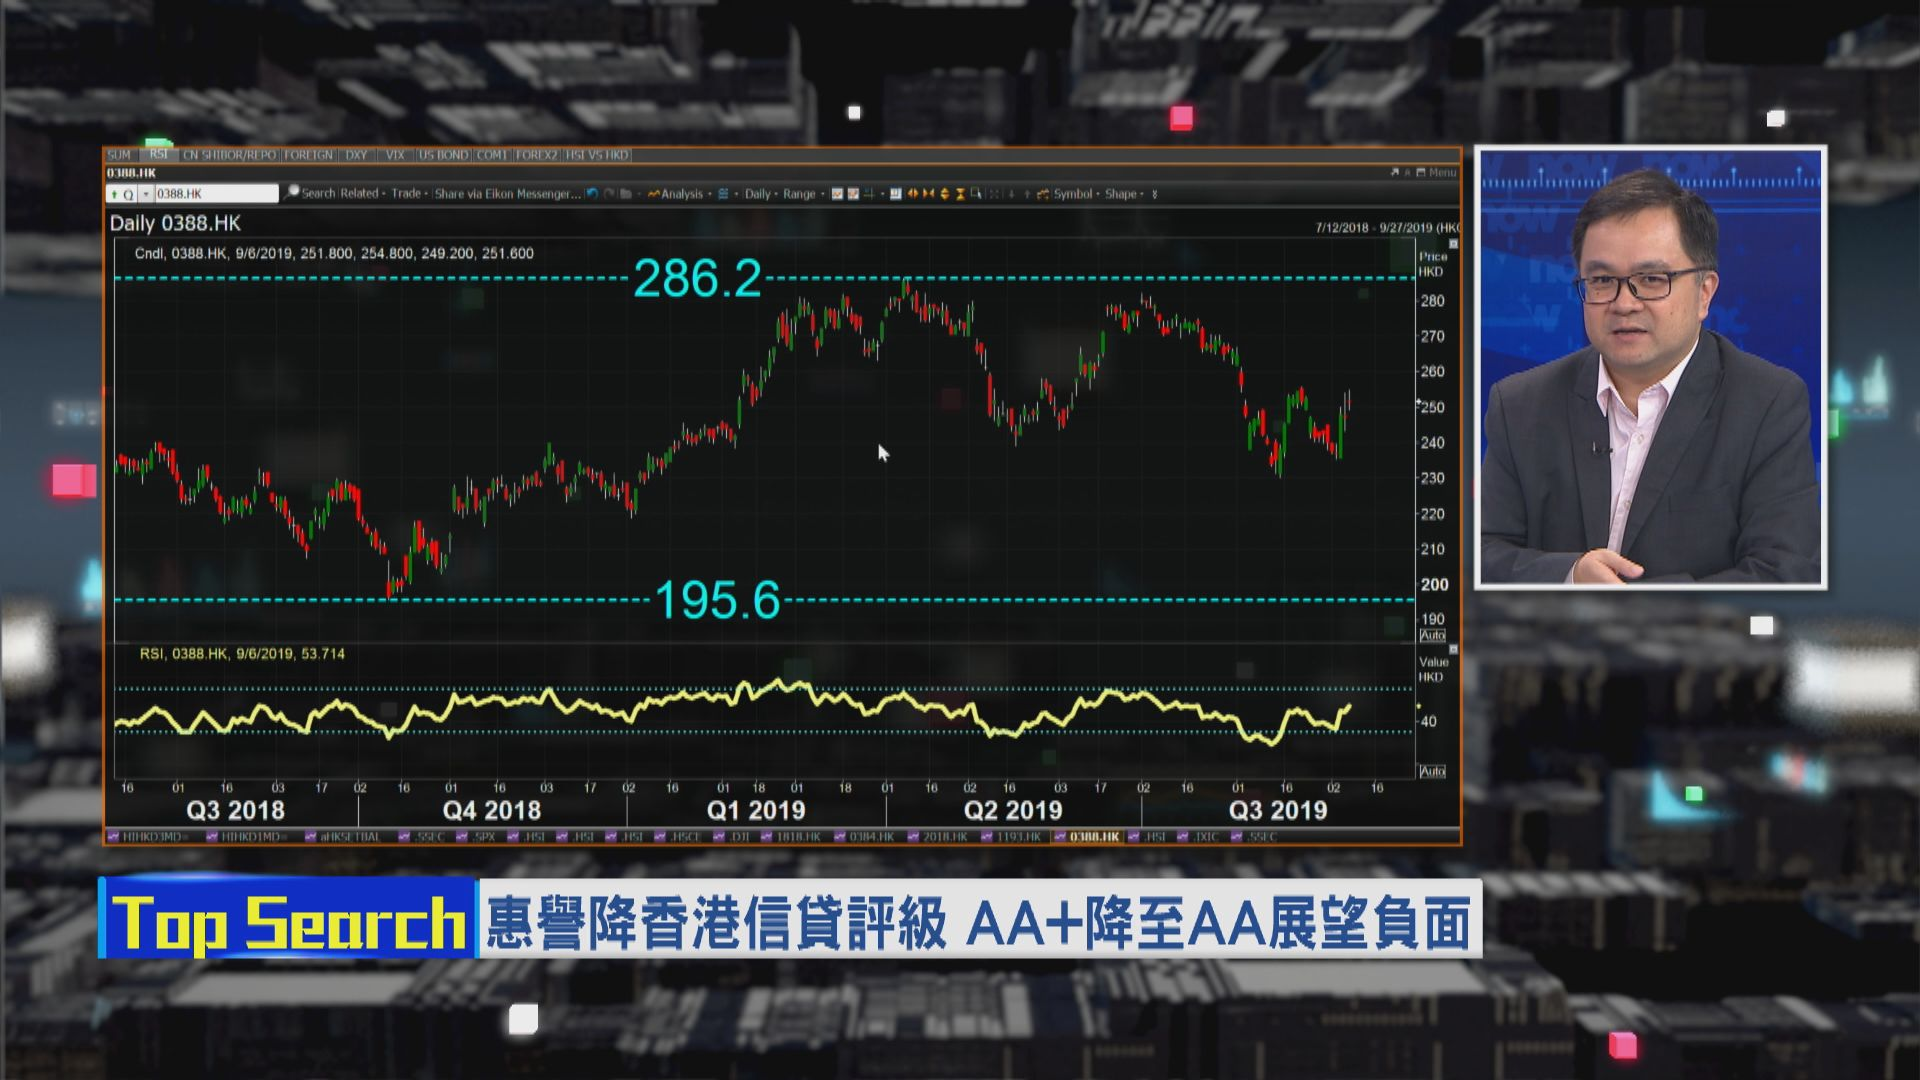 【財經TOP SEARCH】港「降級」兩宗罪